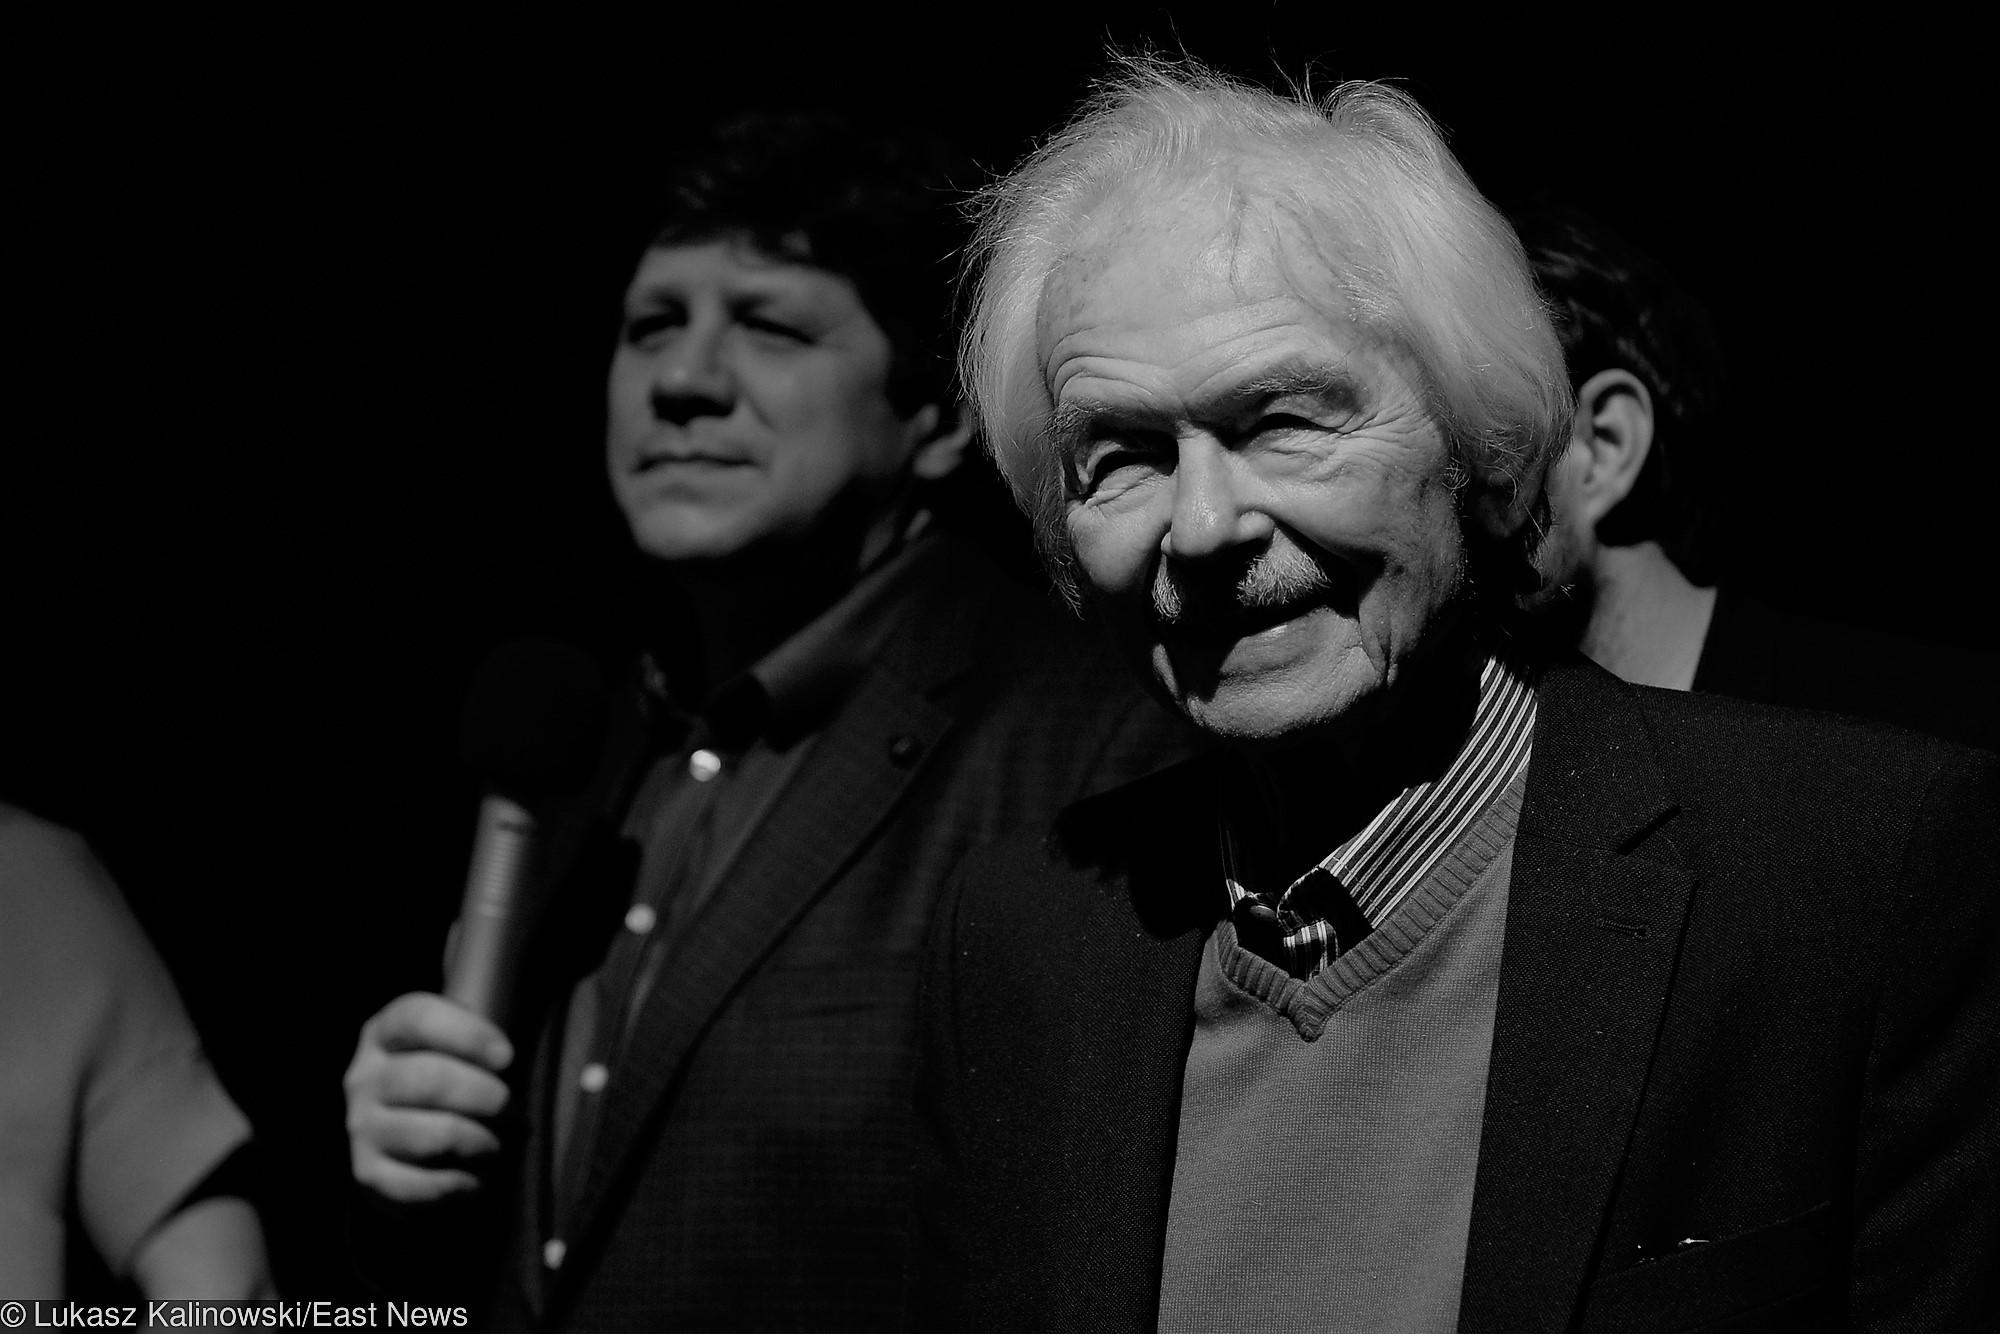 Bernard Krawczyk Nie U017cyje Aktor Znany Z R U00f3l W Filmach